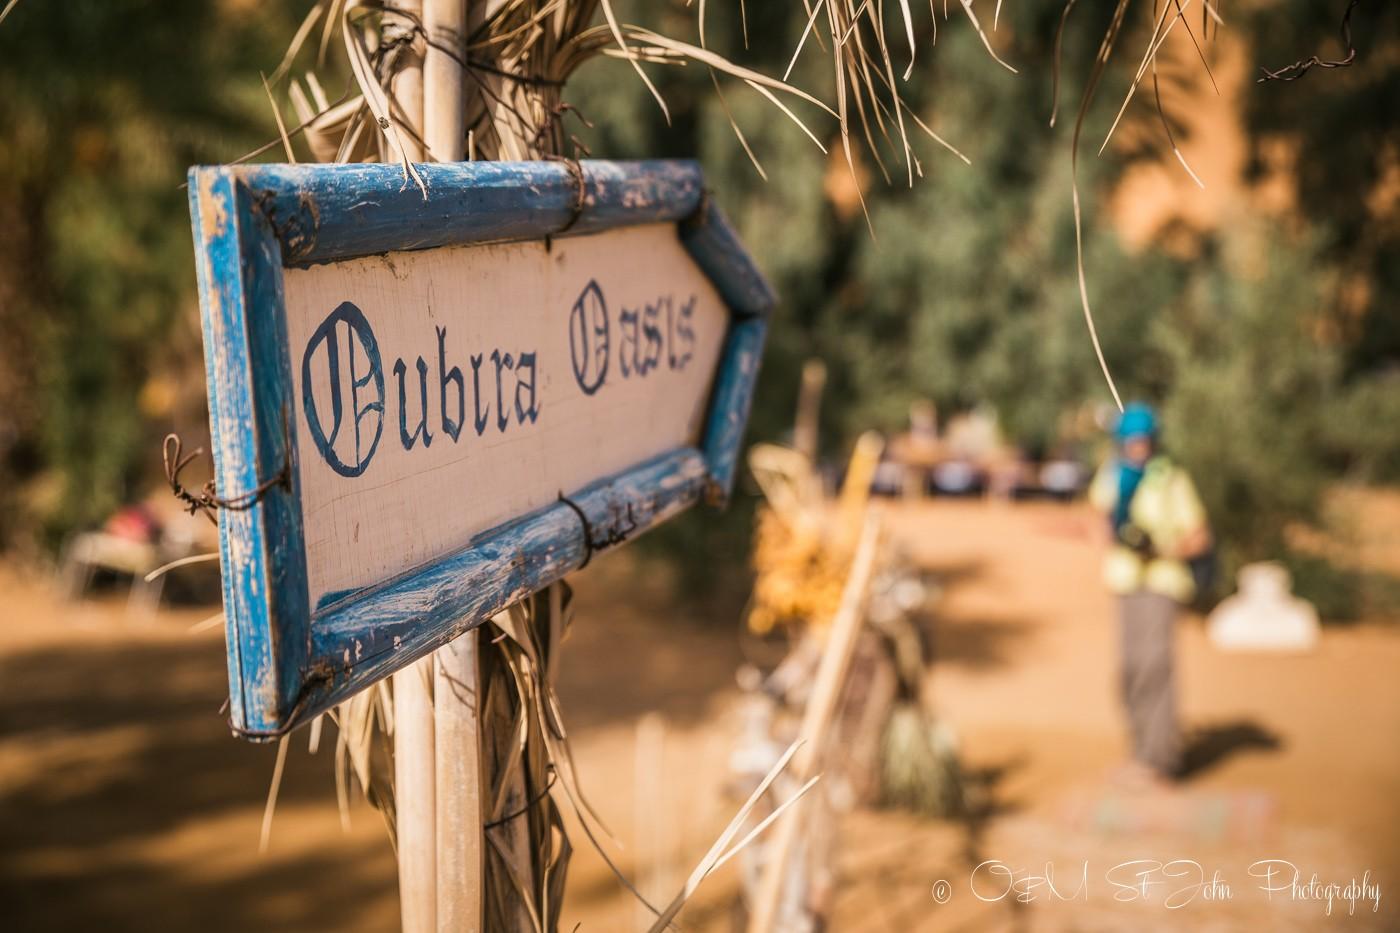 Oubira Oasis, Erg Chebbi, Sahara Desert. Morocco